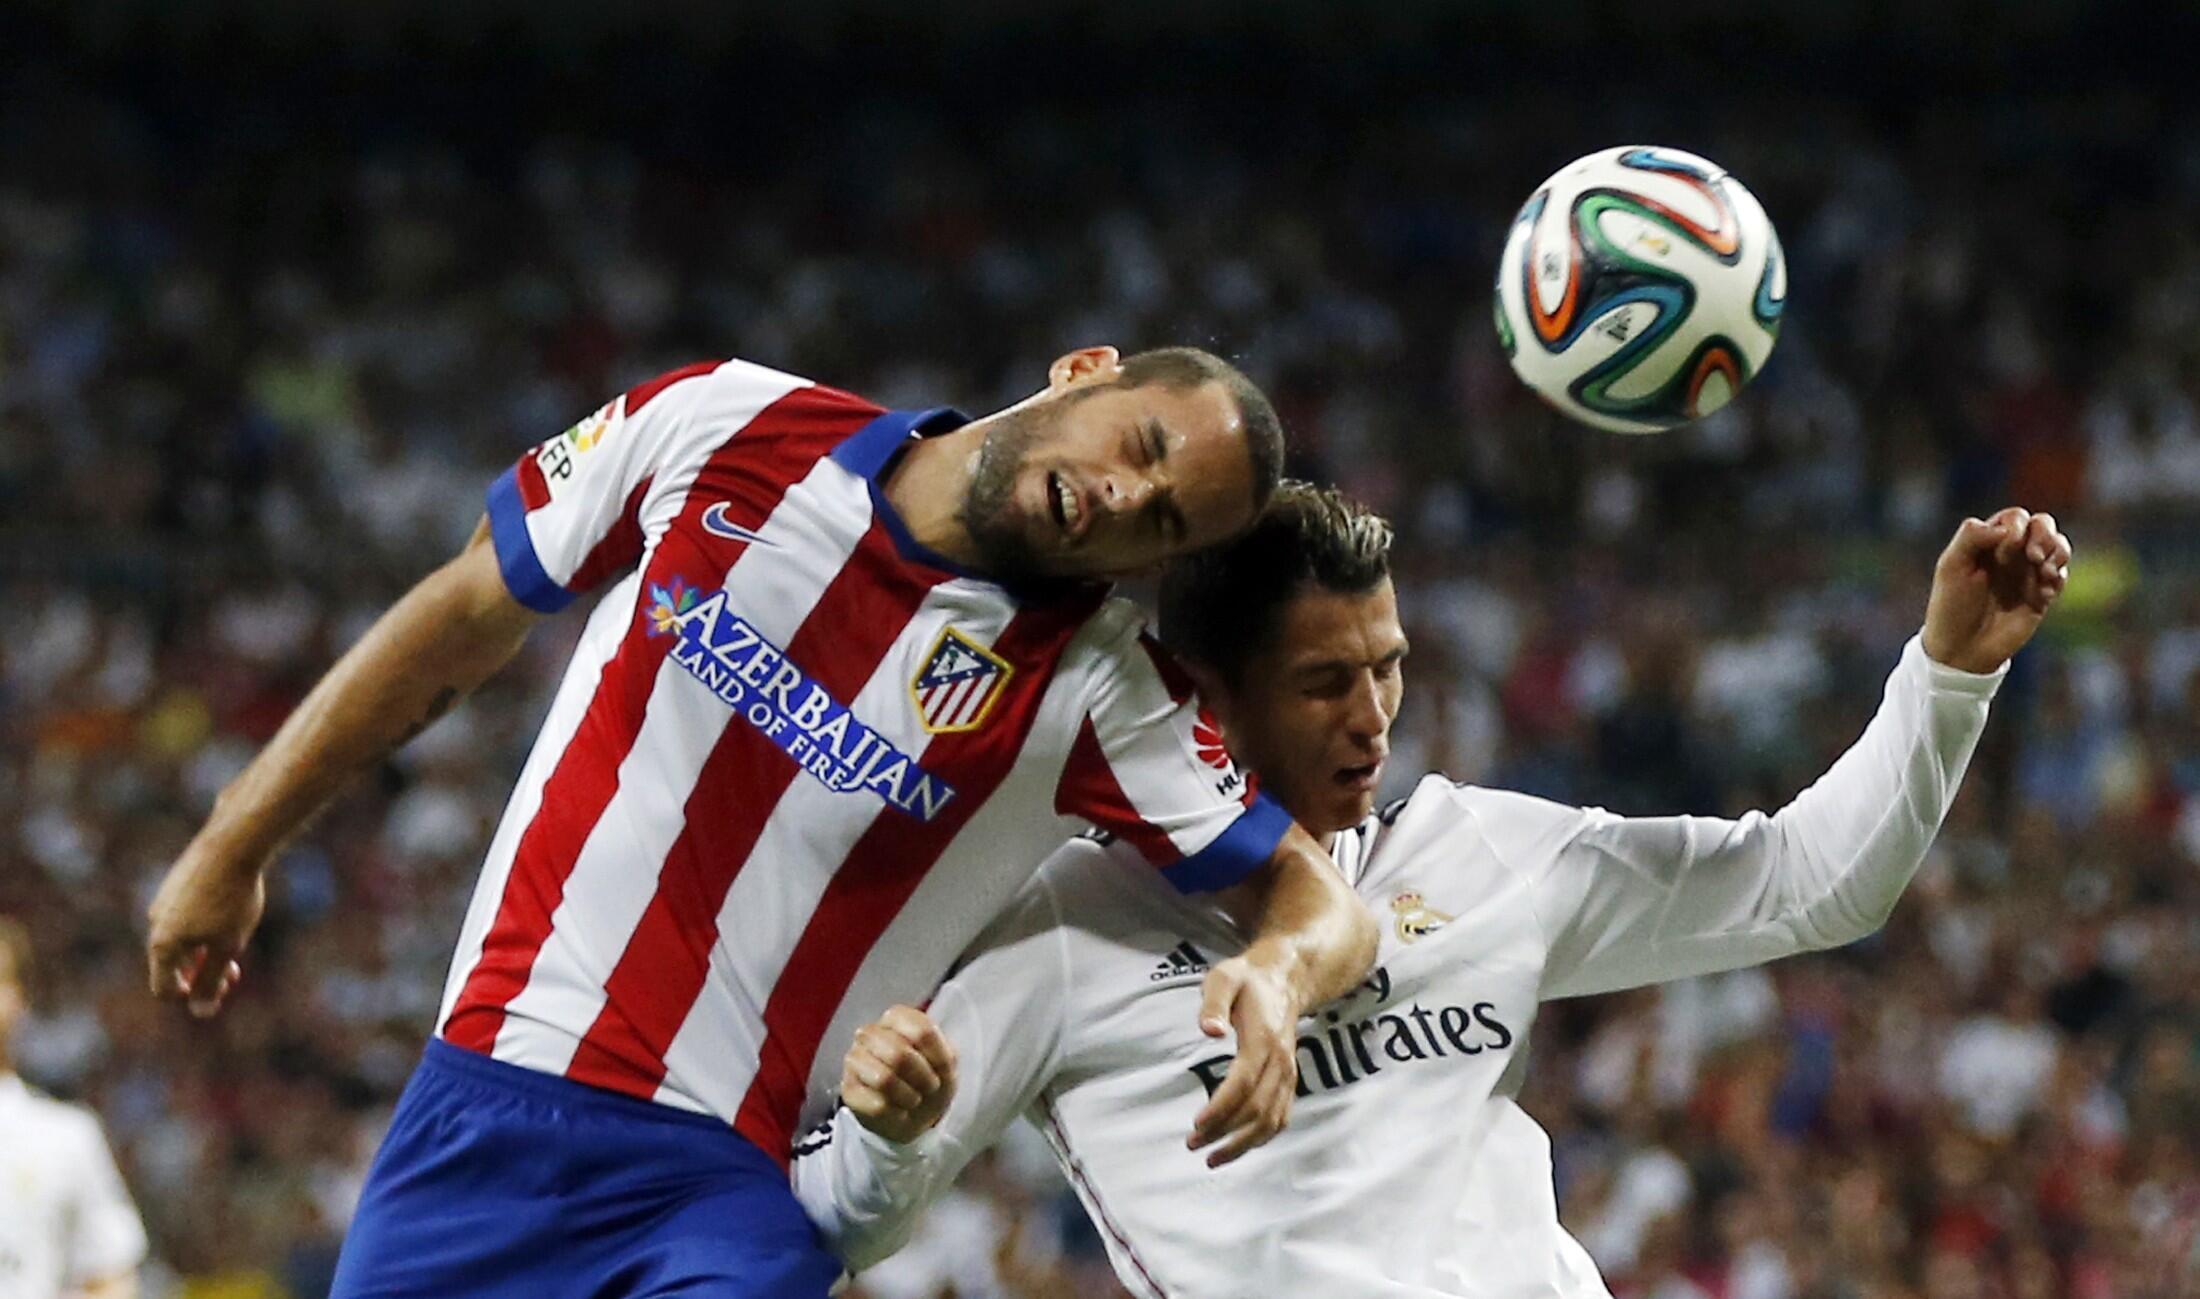 Mario Suarez na Atletico yana gumurzu da Cristiano Ronaldo  na Real Madrid a Bernabeu stadium